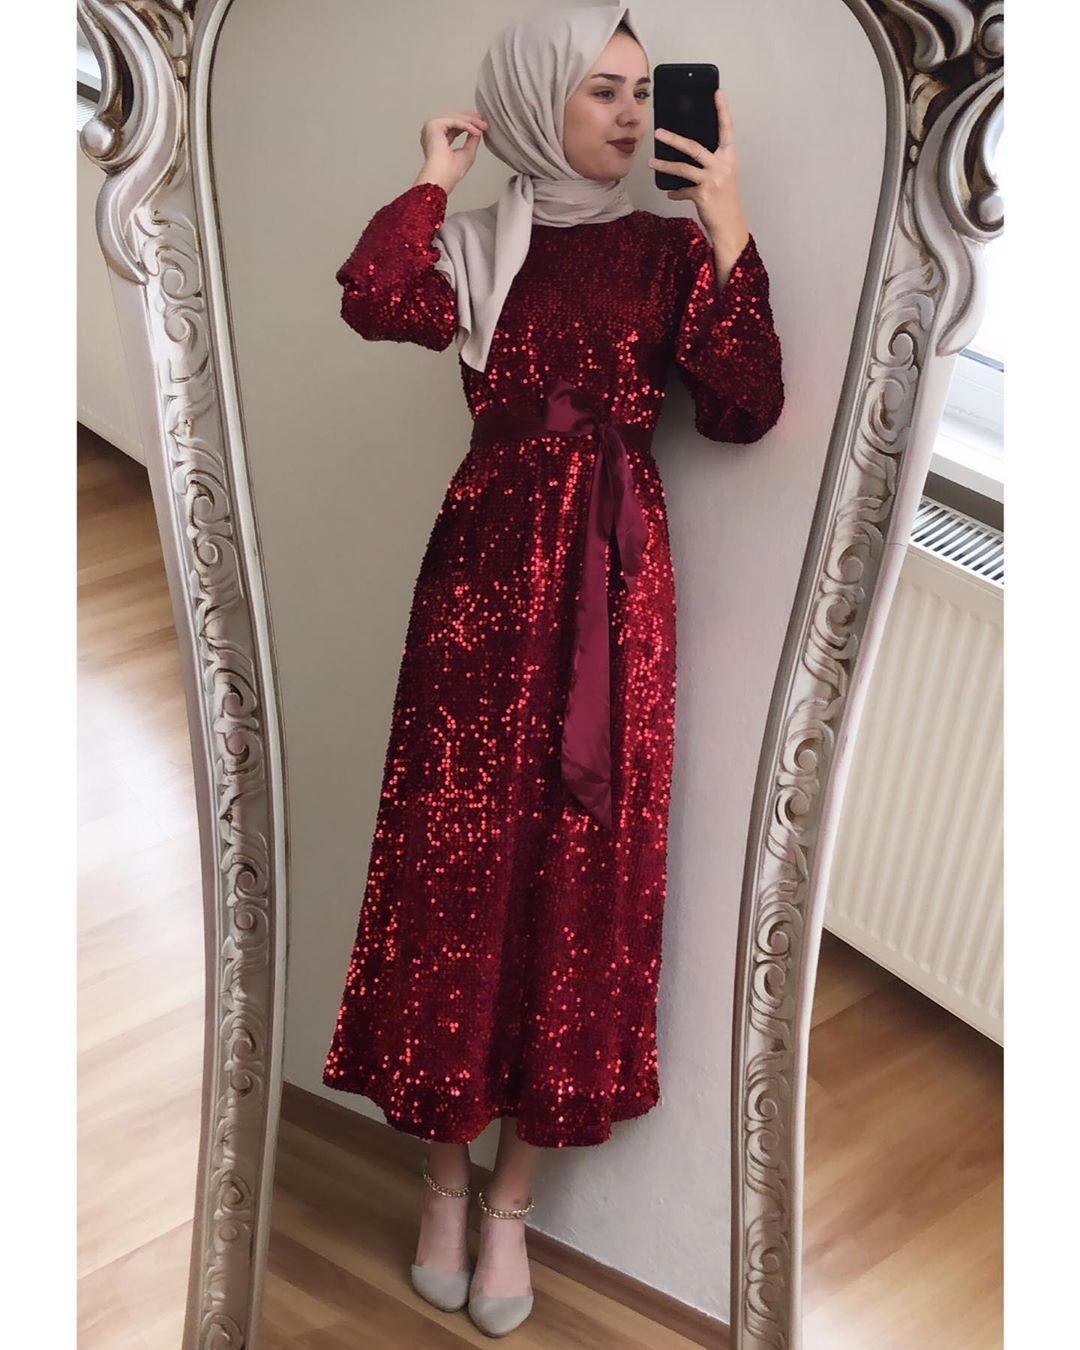 Giza Tesettur On Instagram Cok Sevdiginiz Elbisemiz Tekrar Tekrar Stoklar Da Beden 36 38 40 42 Fiyat 199 95 2020 Elbise Payet Elbise Elbise Ayakkabi